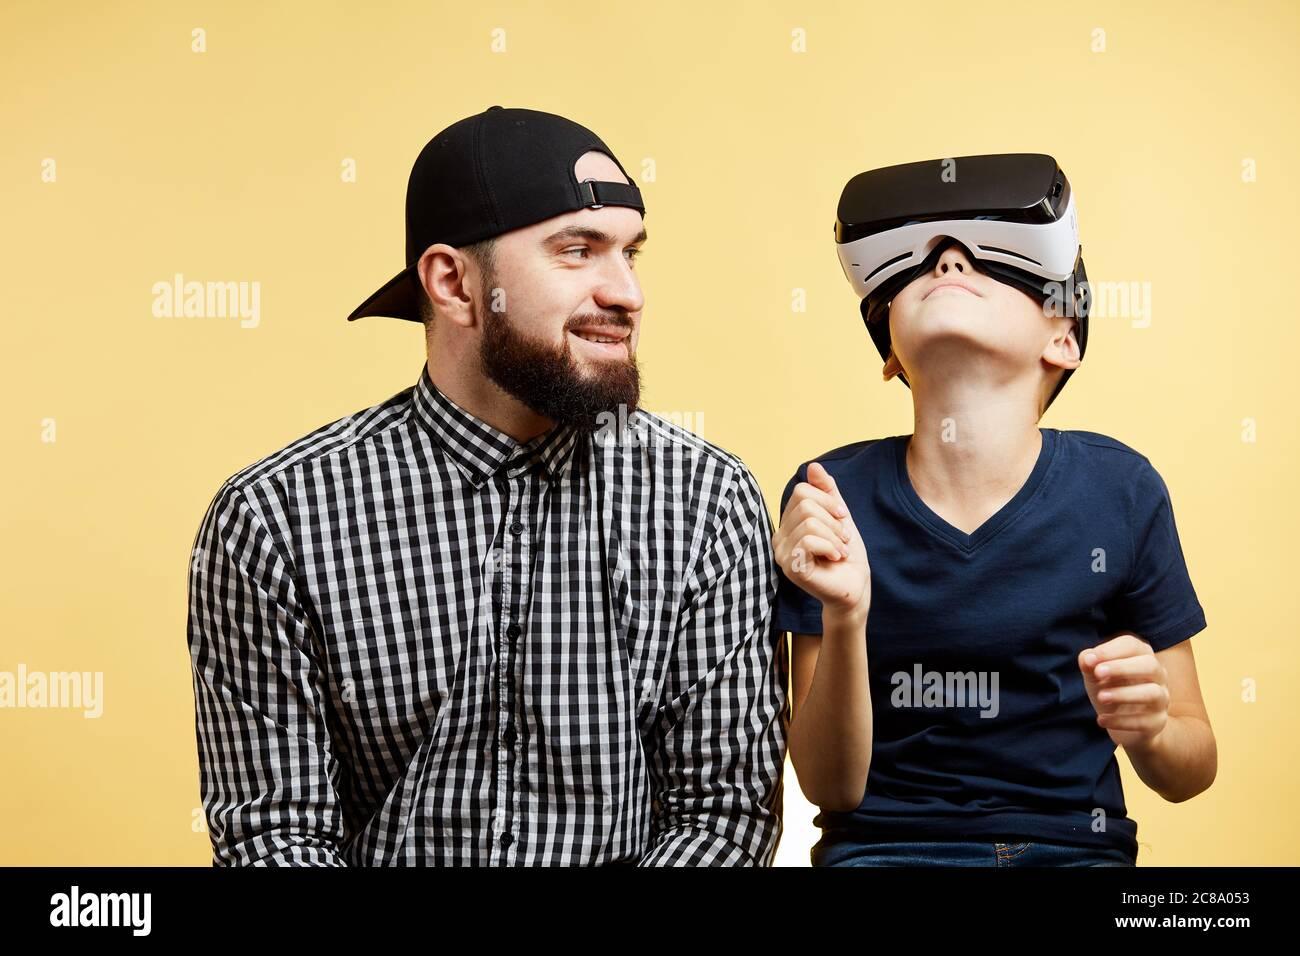 Hijo adolescente utiliza gafas de realidad virtual cerca de padre barbudo. Concepto de tecnología futura Foto de stock